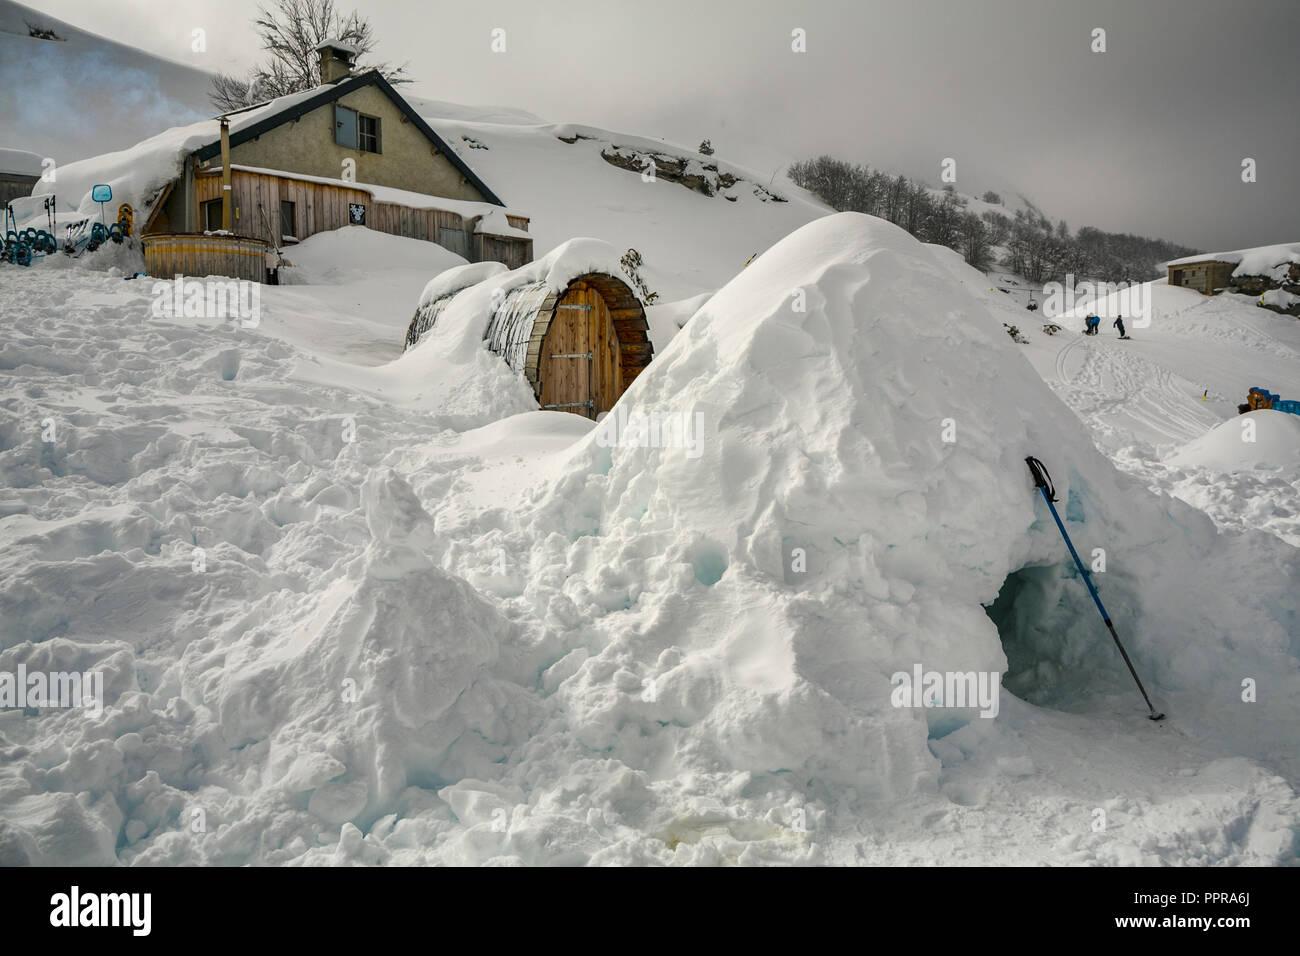 Alojamiento Geodesique domo. Gourette ski resort, Pirineos Atlánticos, región de Aquitania, el valle de Ossau, Francia Imagen De Stock